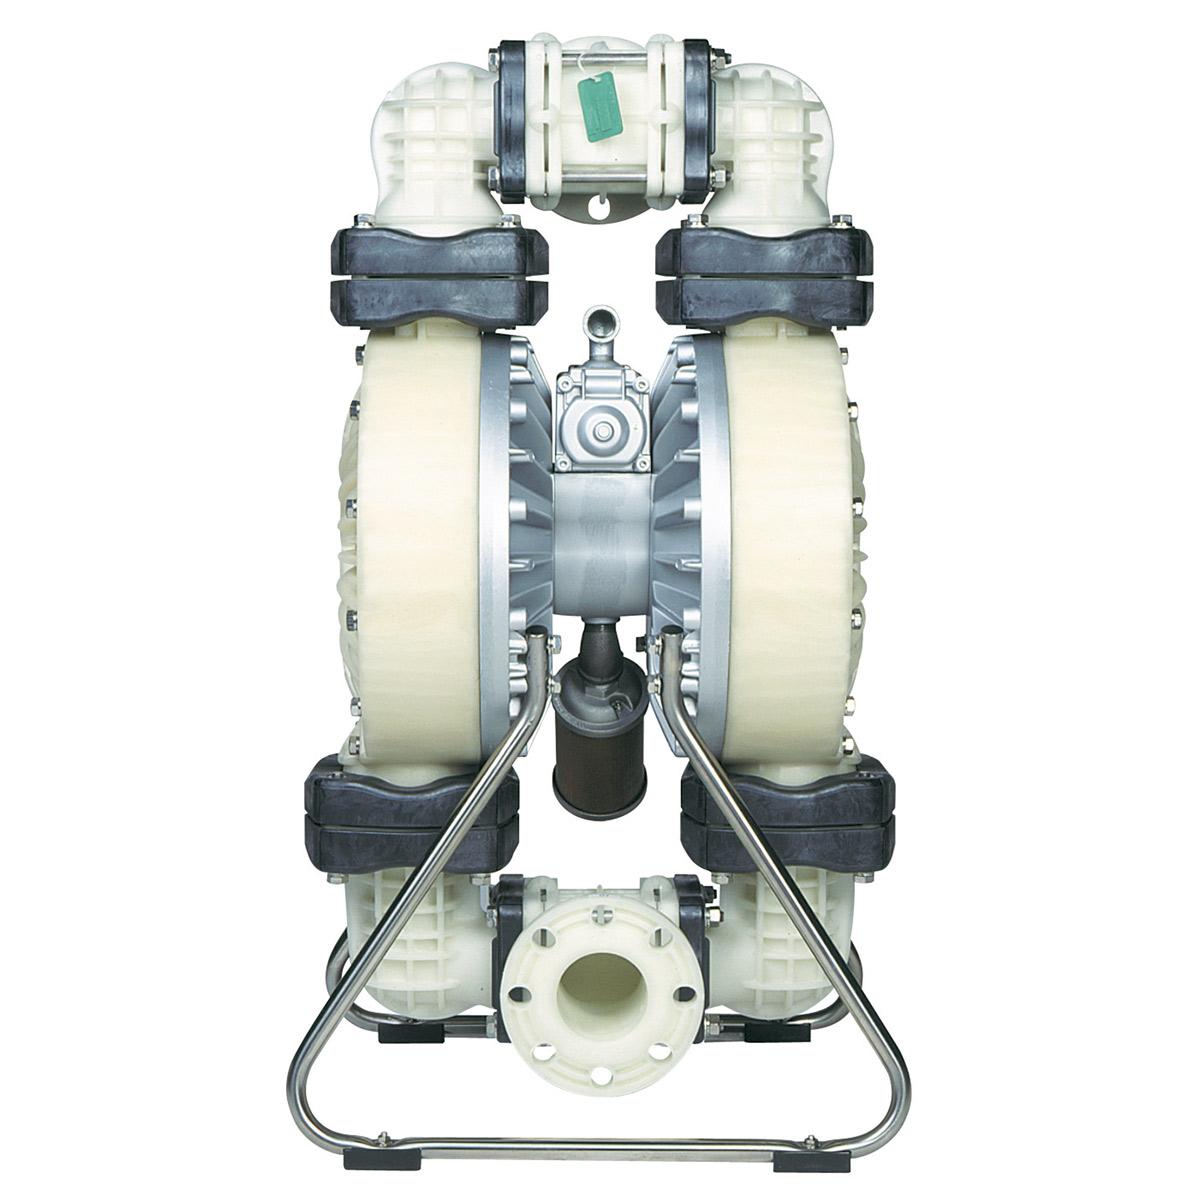 Yamada NDP-80 pump poly